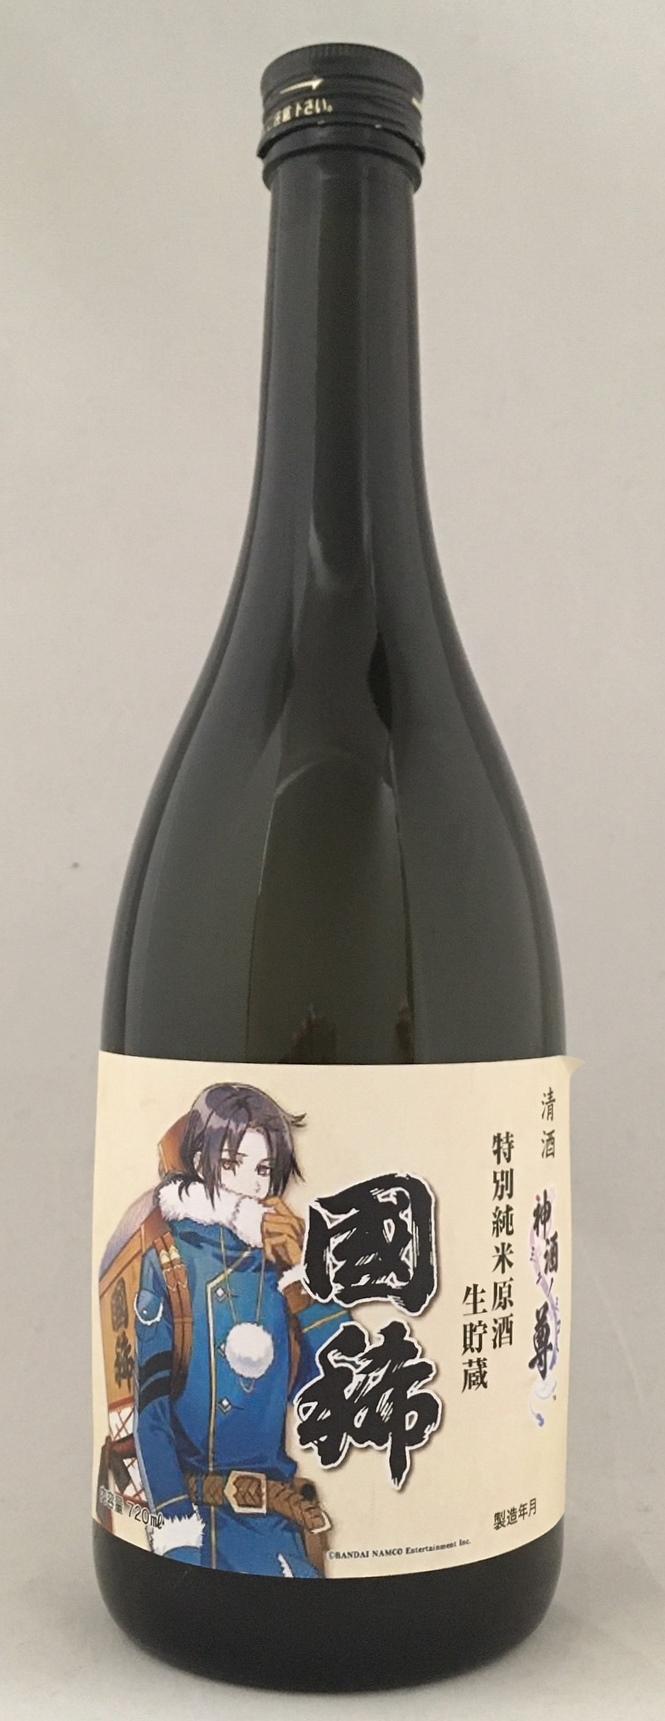 神酒ノ尊ーミキノミコトー国稀君ラベル720㎖